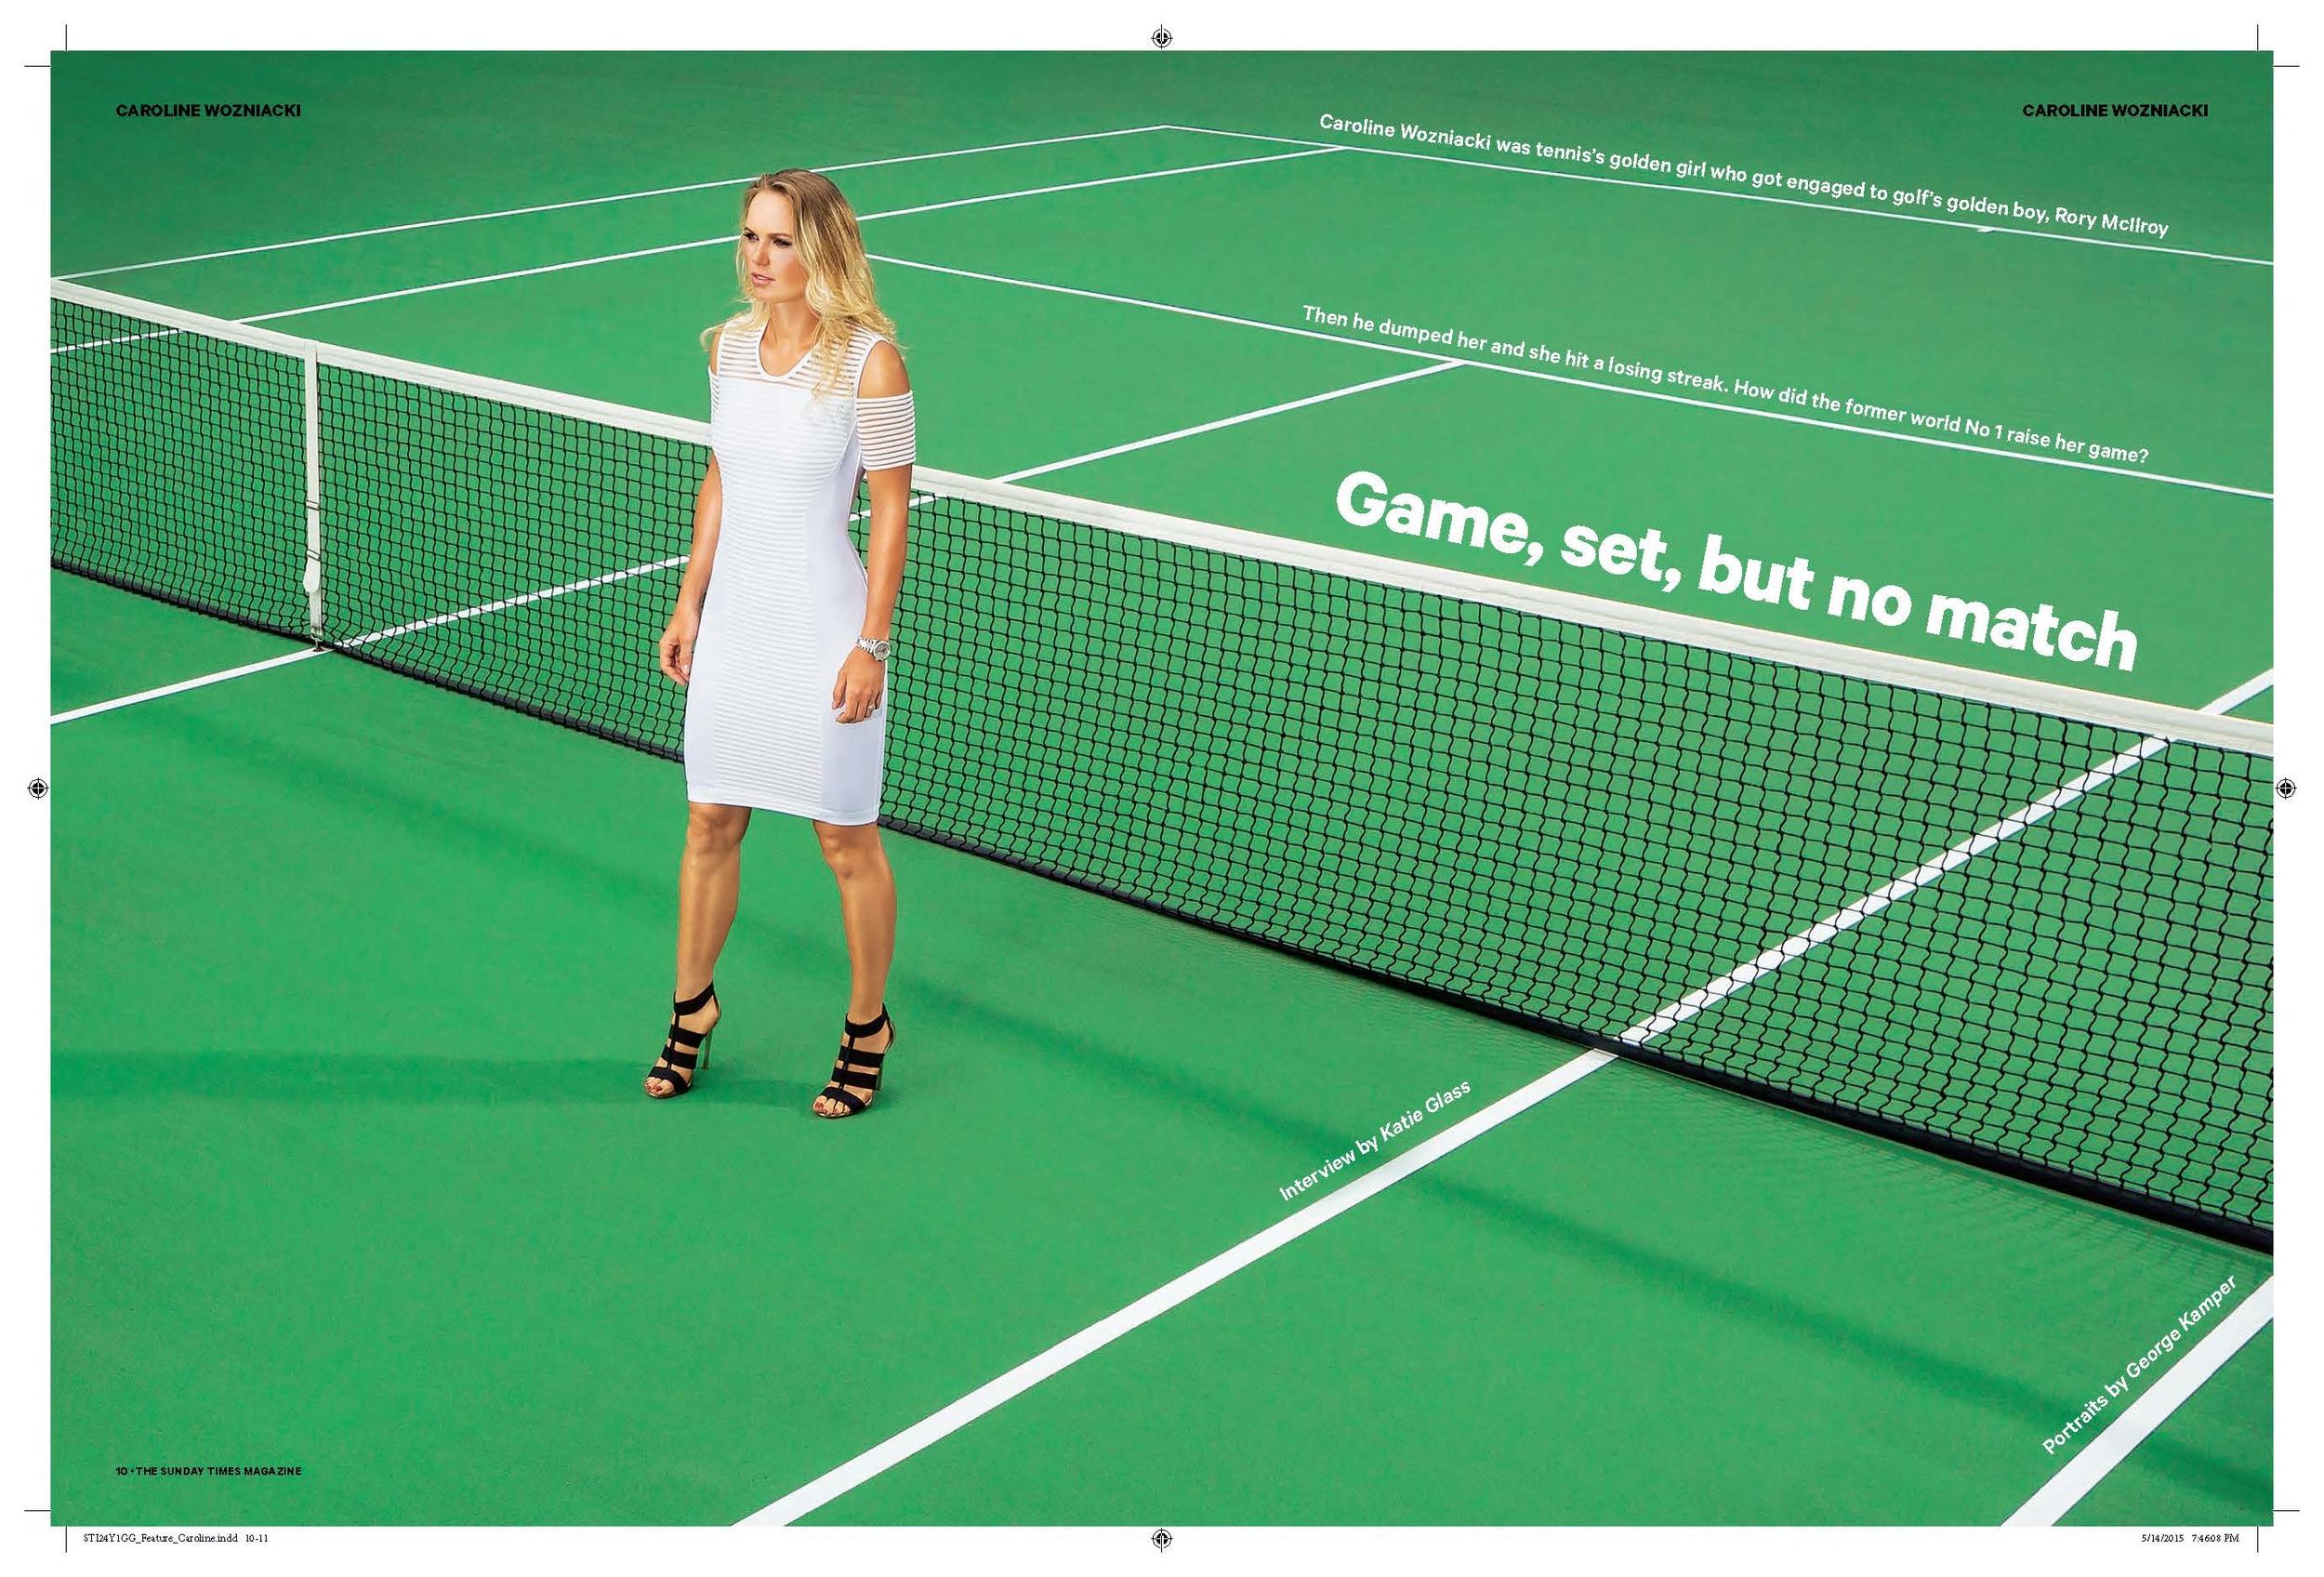 Caroline-Wozniaki-Sunday-Times_Page_1.jpg